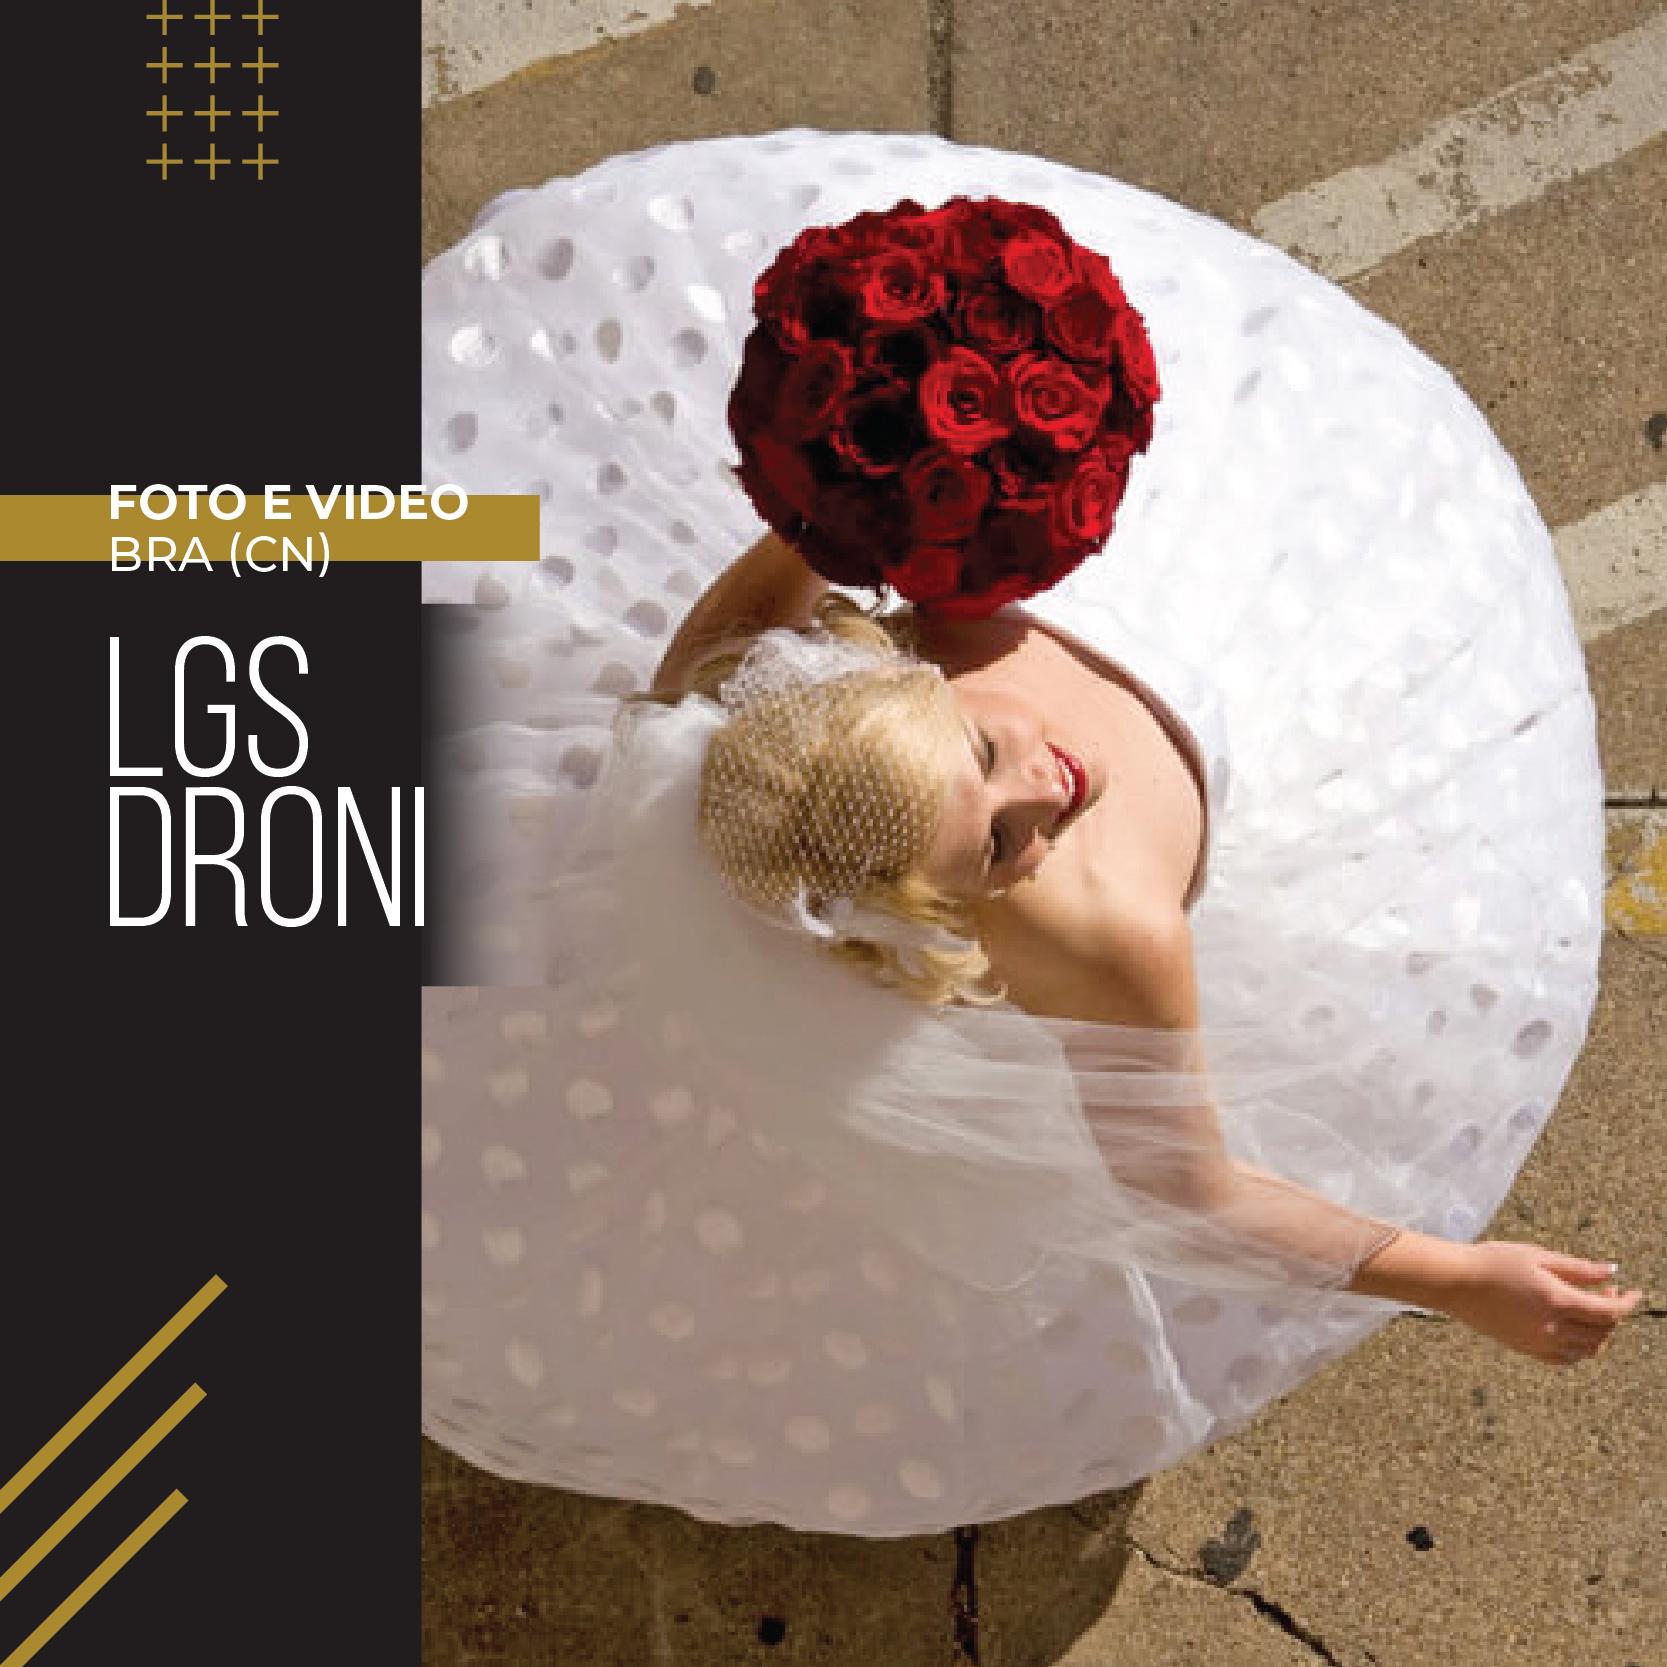 foto e video matrimonio piemonte wedding langhe roero servizio fotografico nozze scatto matto lgs droni.jpg